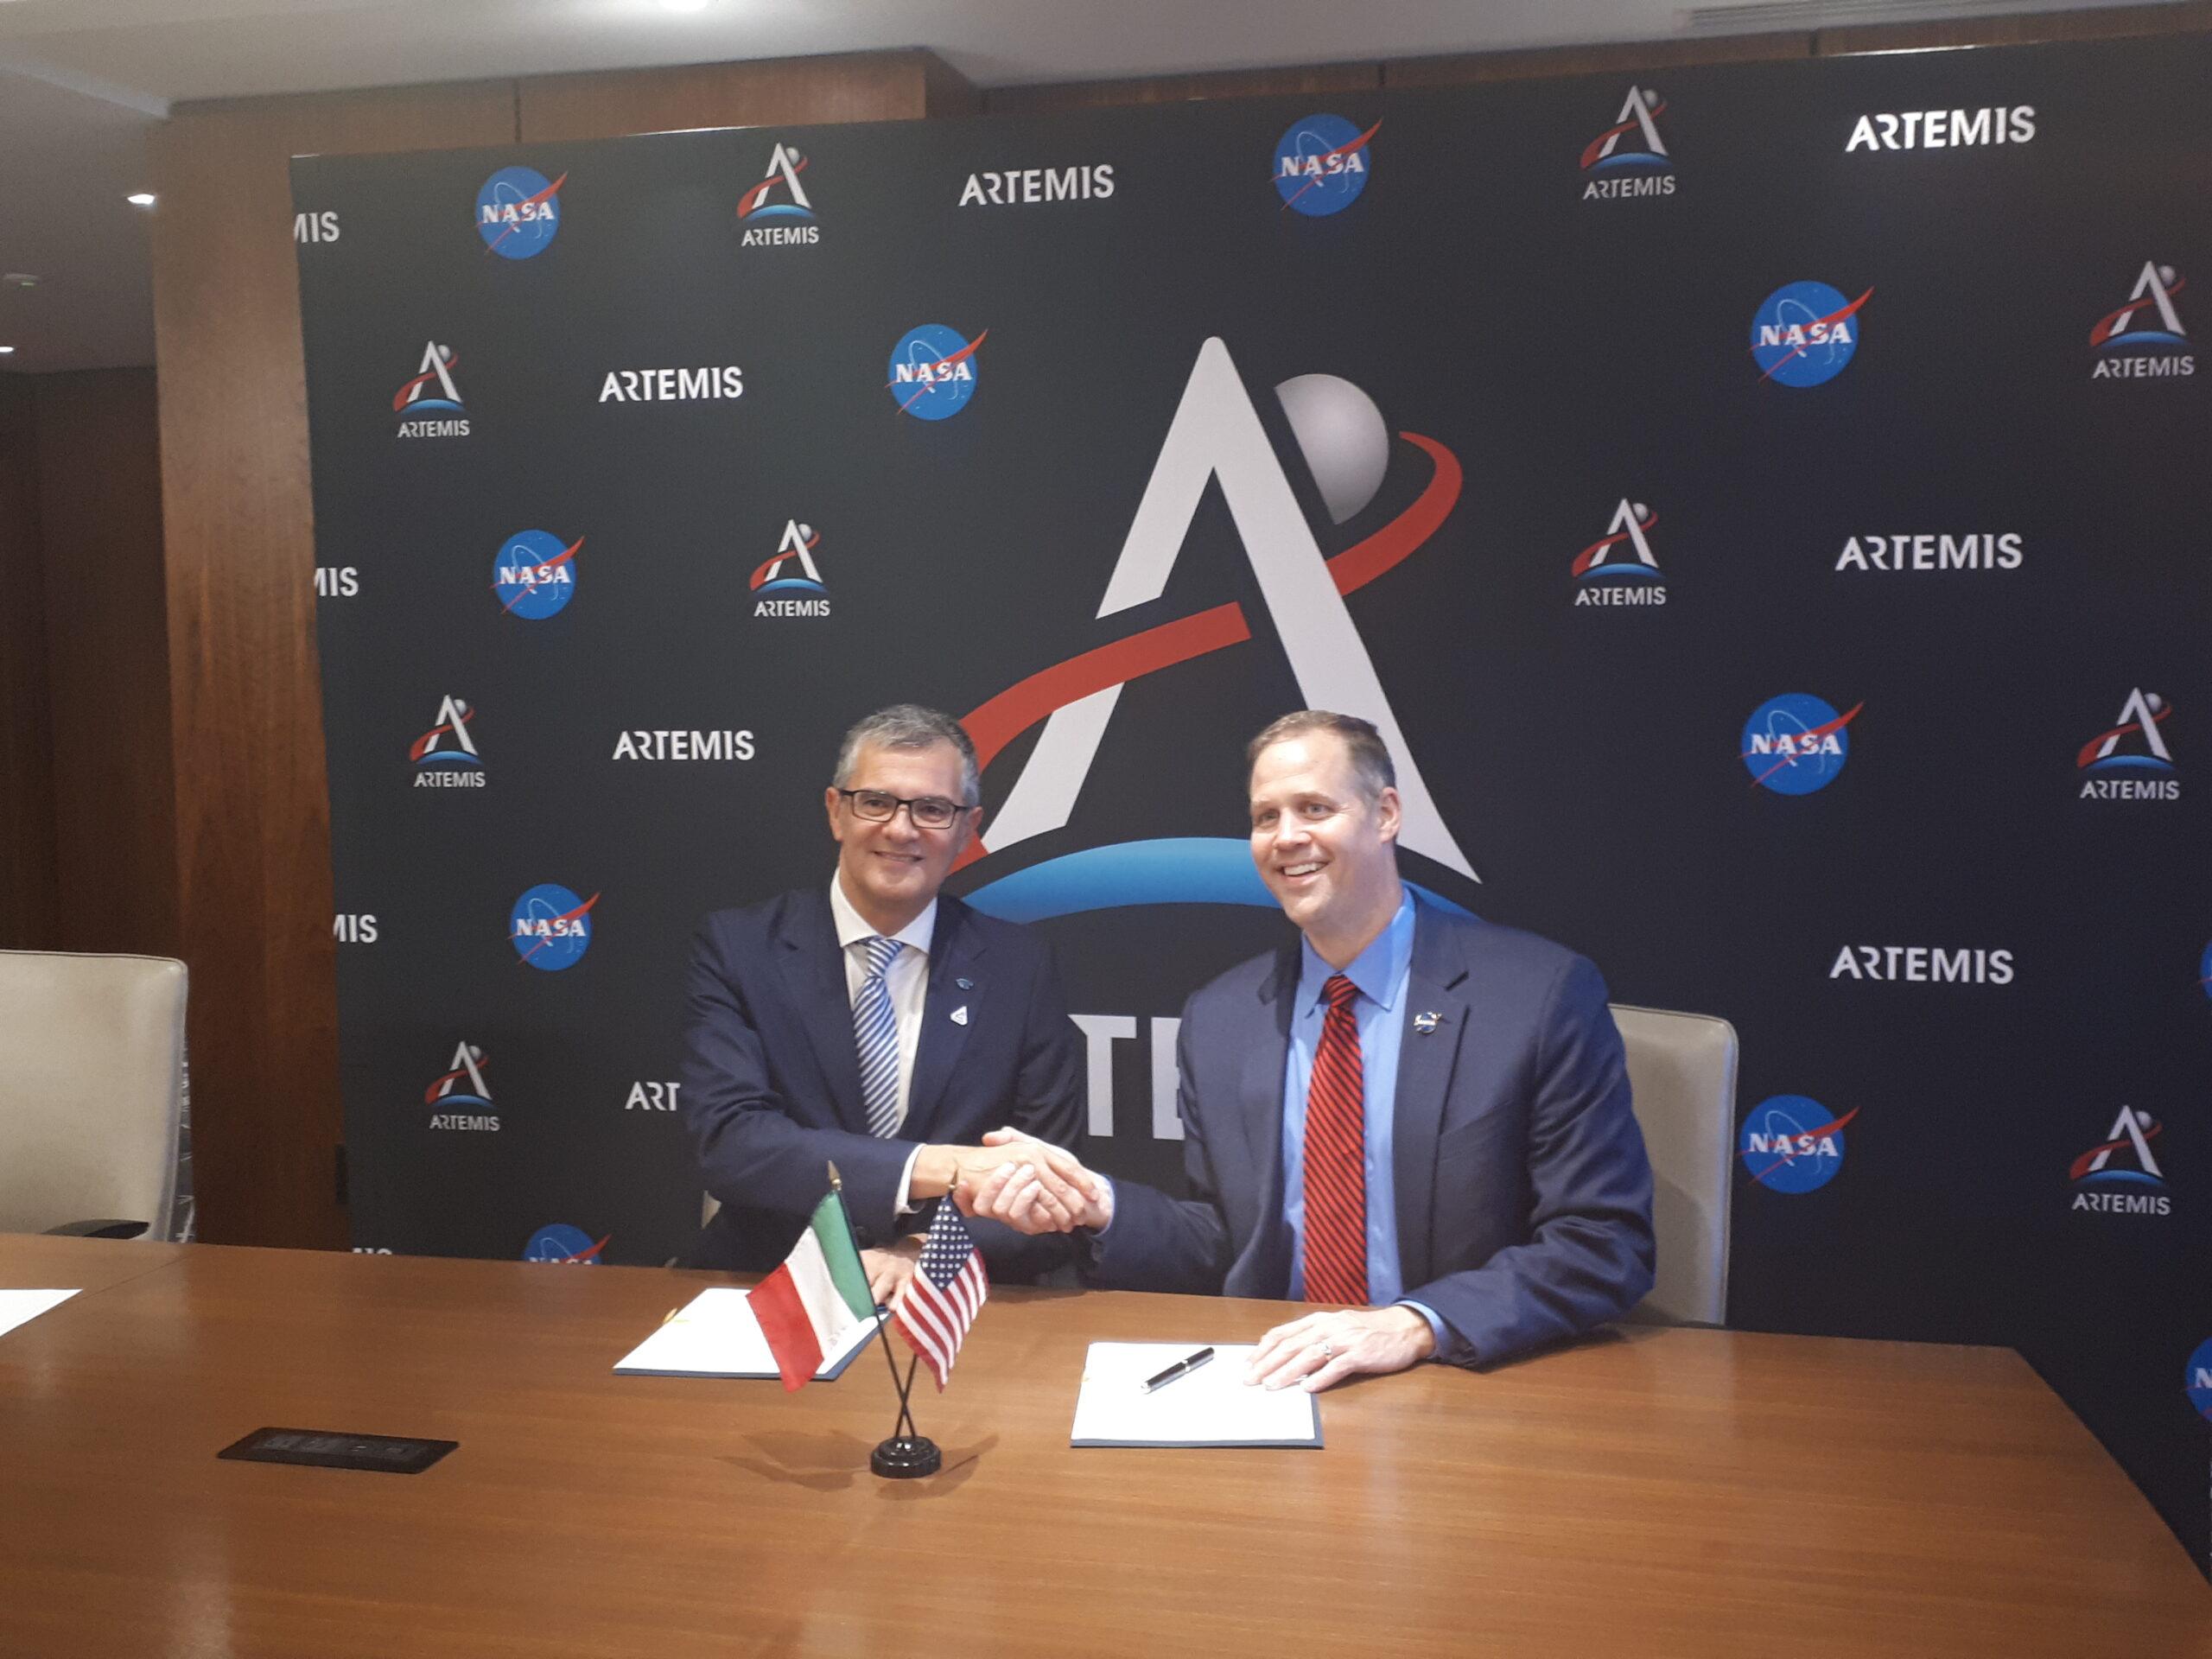 ASI - Artemis: accordo NASA- ASI